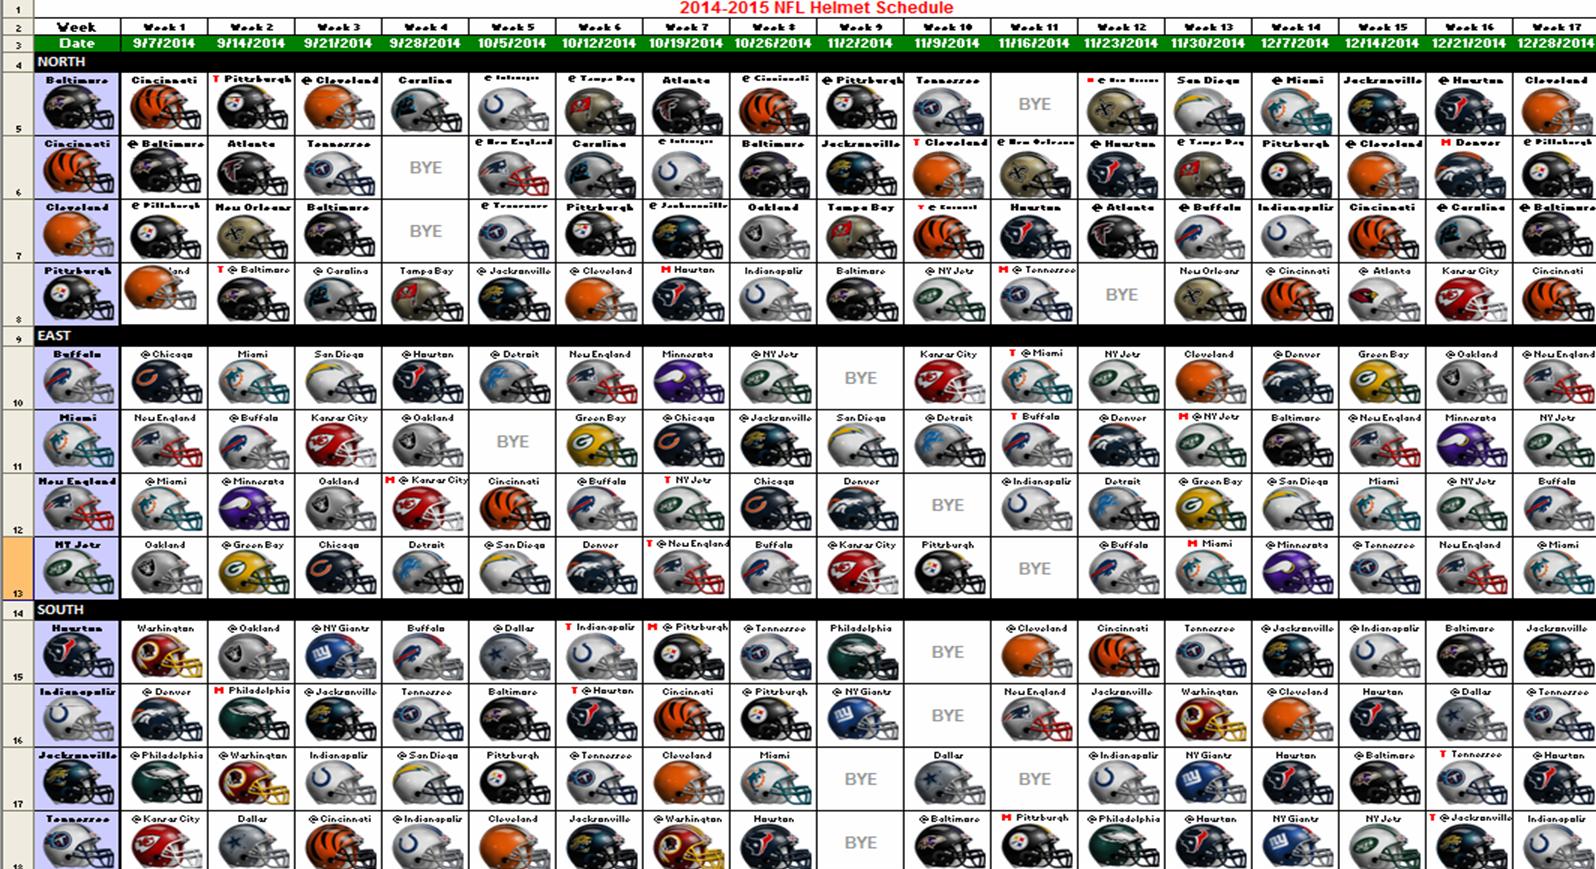 2014 6 2013 Nfl Printable Schedule Week